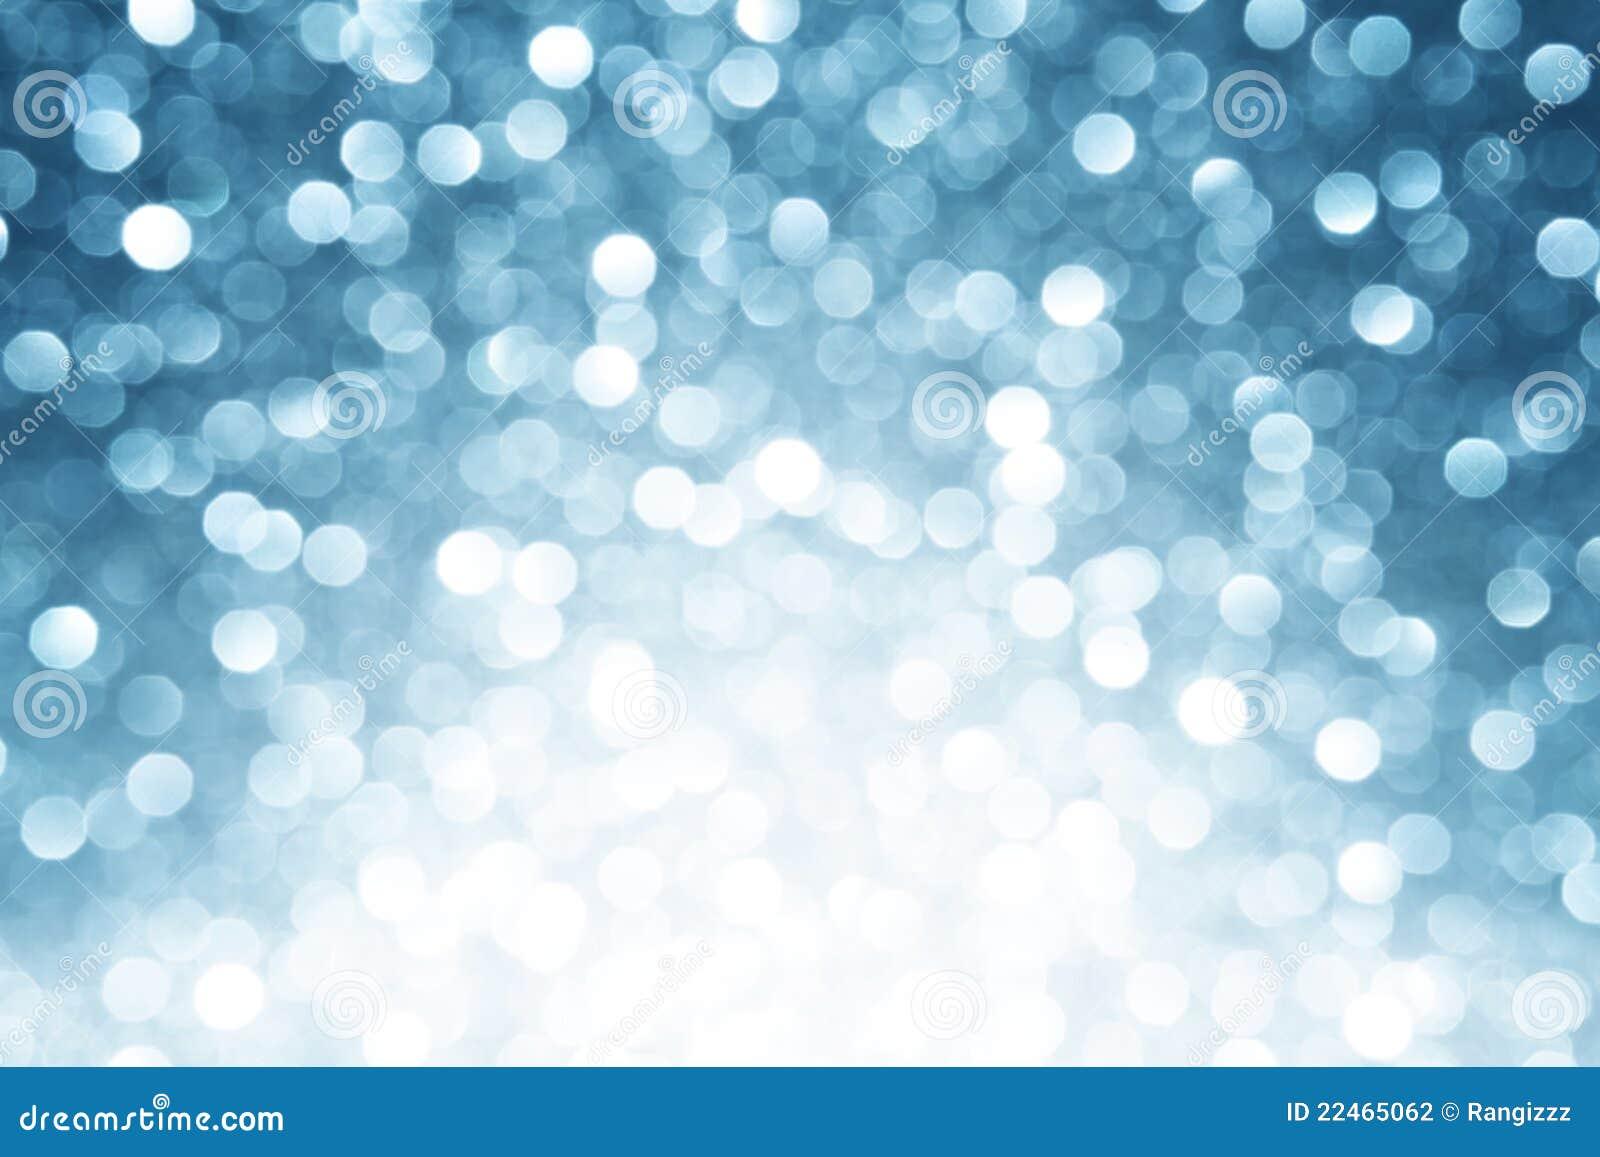 Het blauw defocused lichtenachtergrond